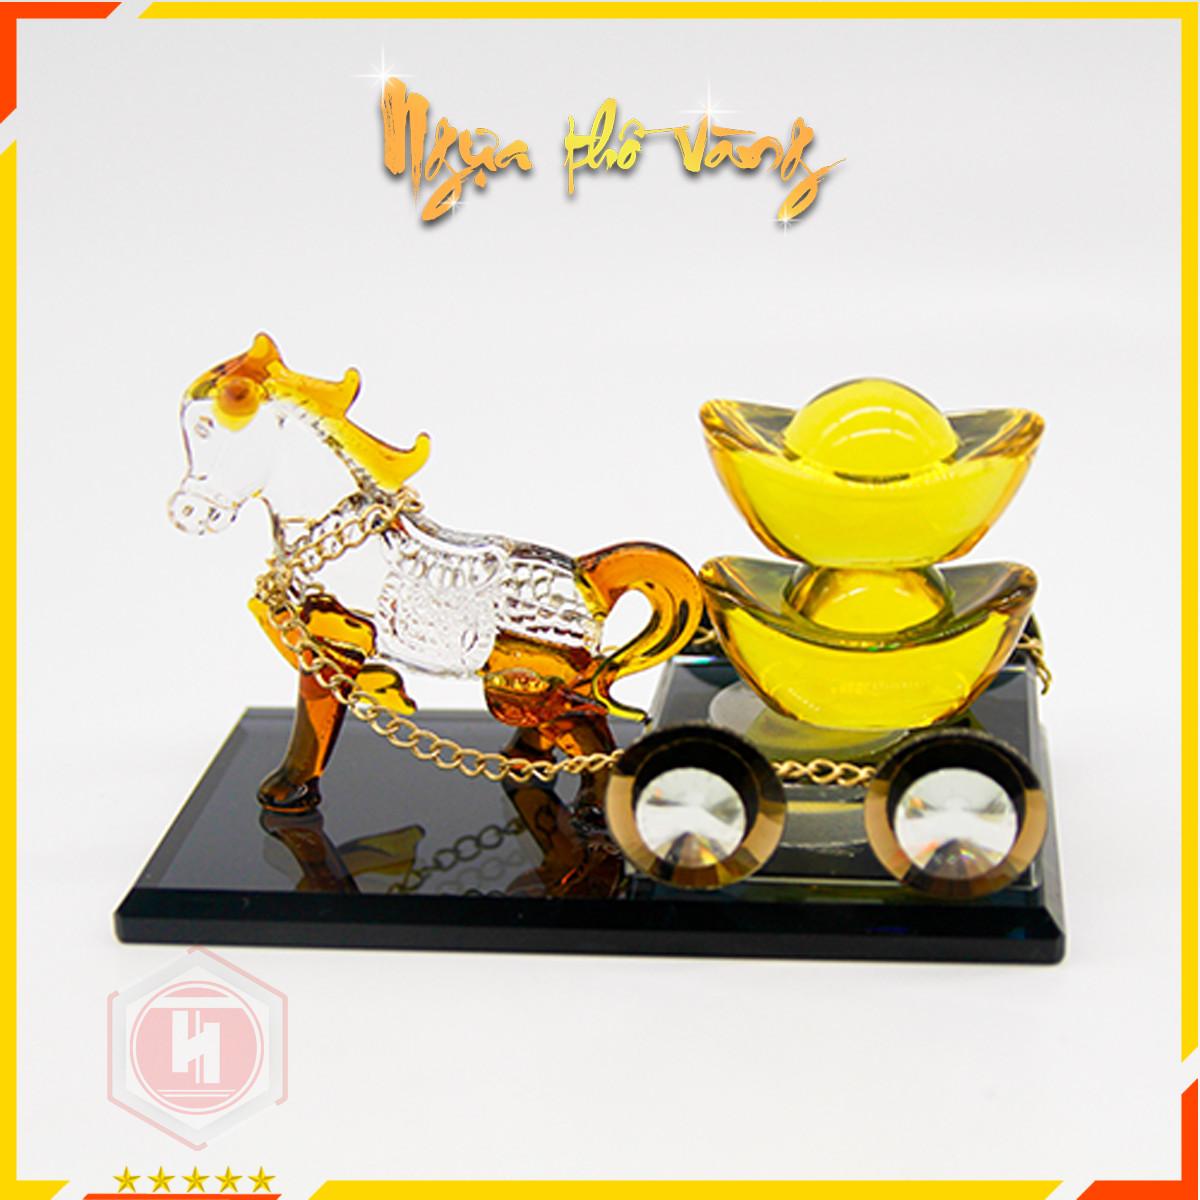 Nước Hoa Ngựa thồ vàng - HT SYS -Linh vật mang lại tài lộc, công danh thăng tiến - Vật phẩm phong thủy may mắn